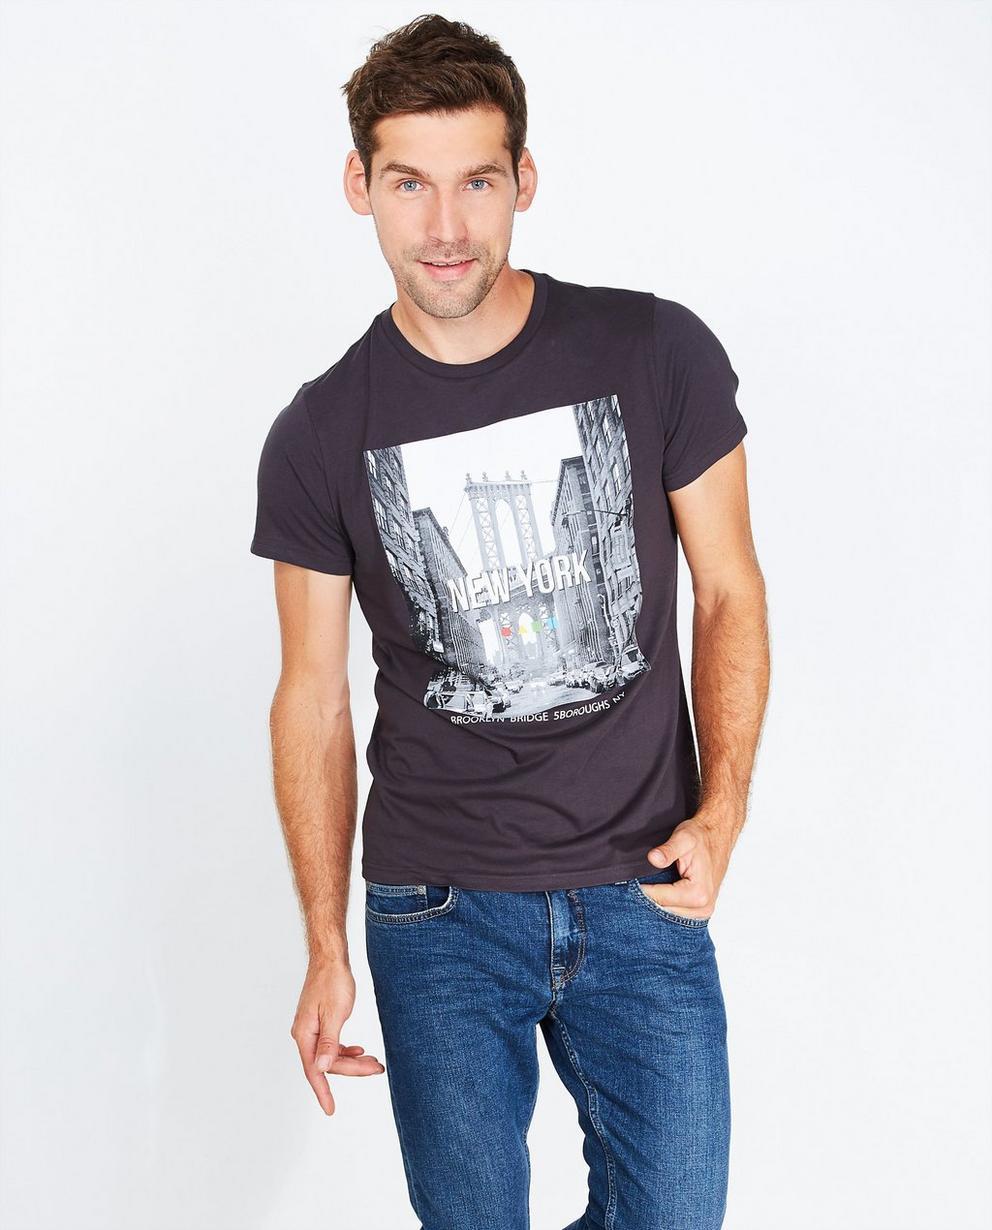 T-shirt met fotoprint - in donkergrijs - Quarterback